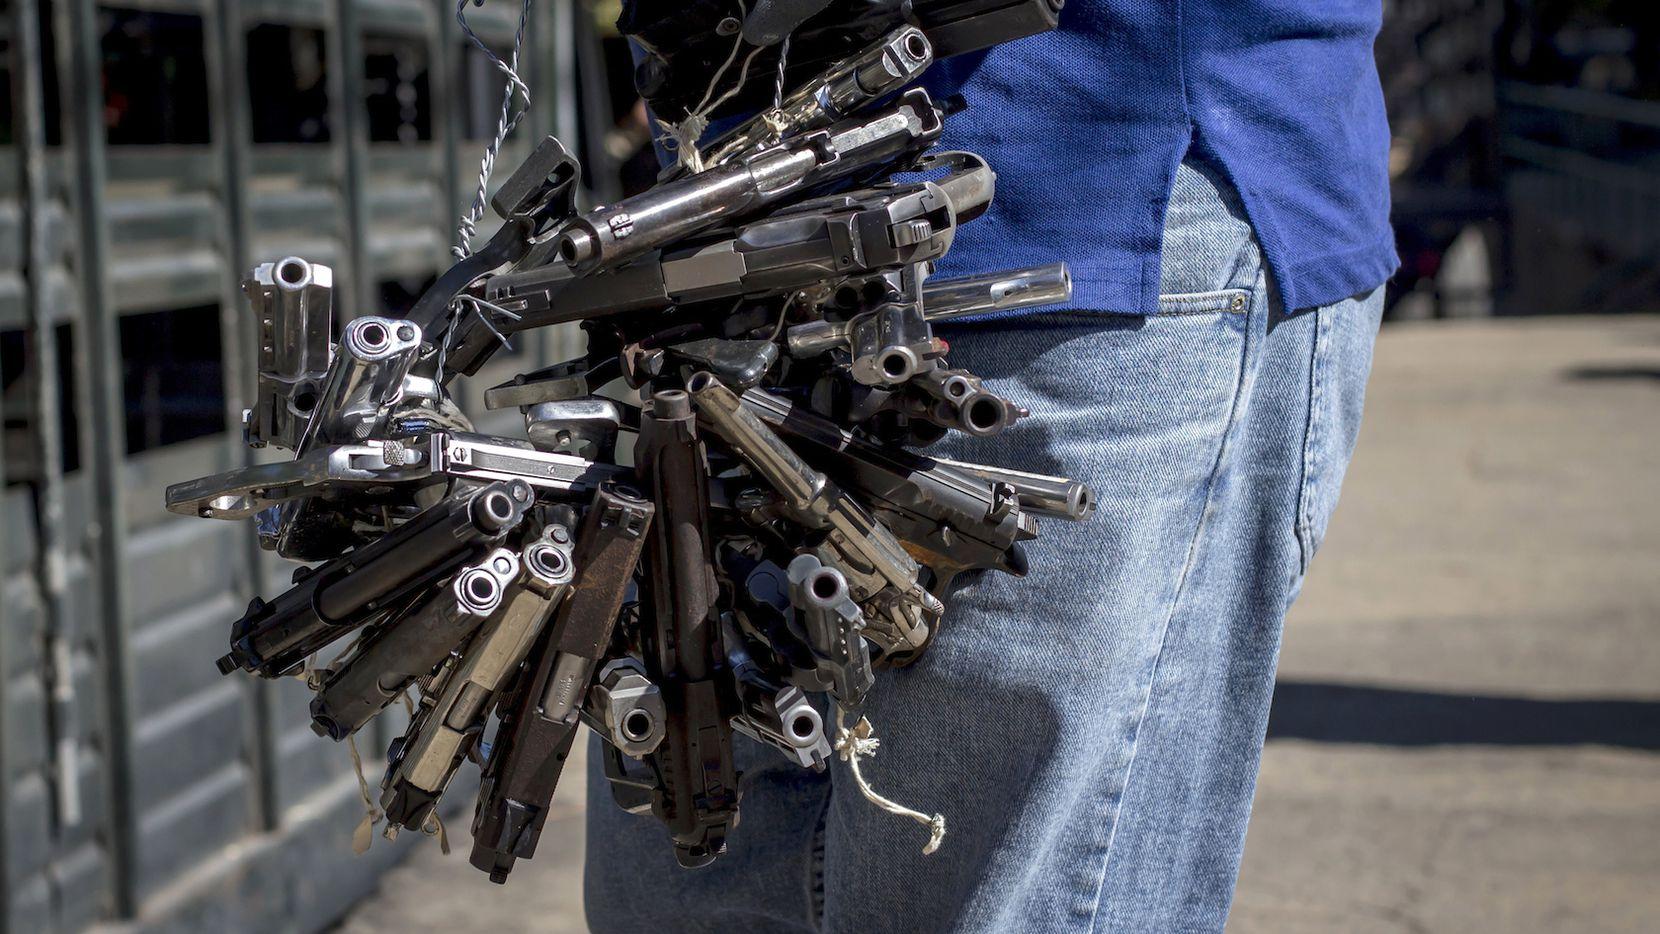 Armas confiscadas por la policía en Quezaltepeque, La Libertad, El Salvador. AP